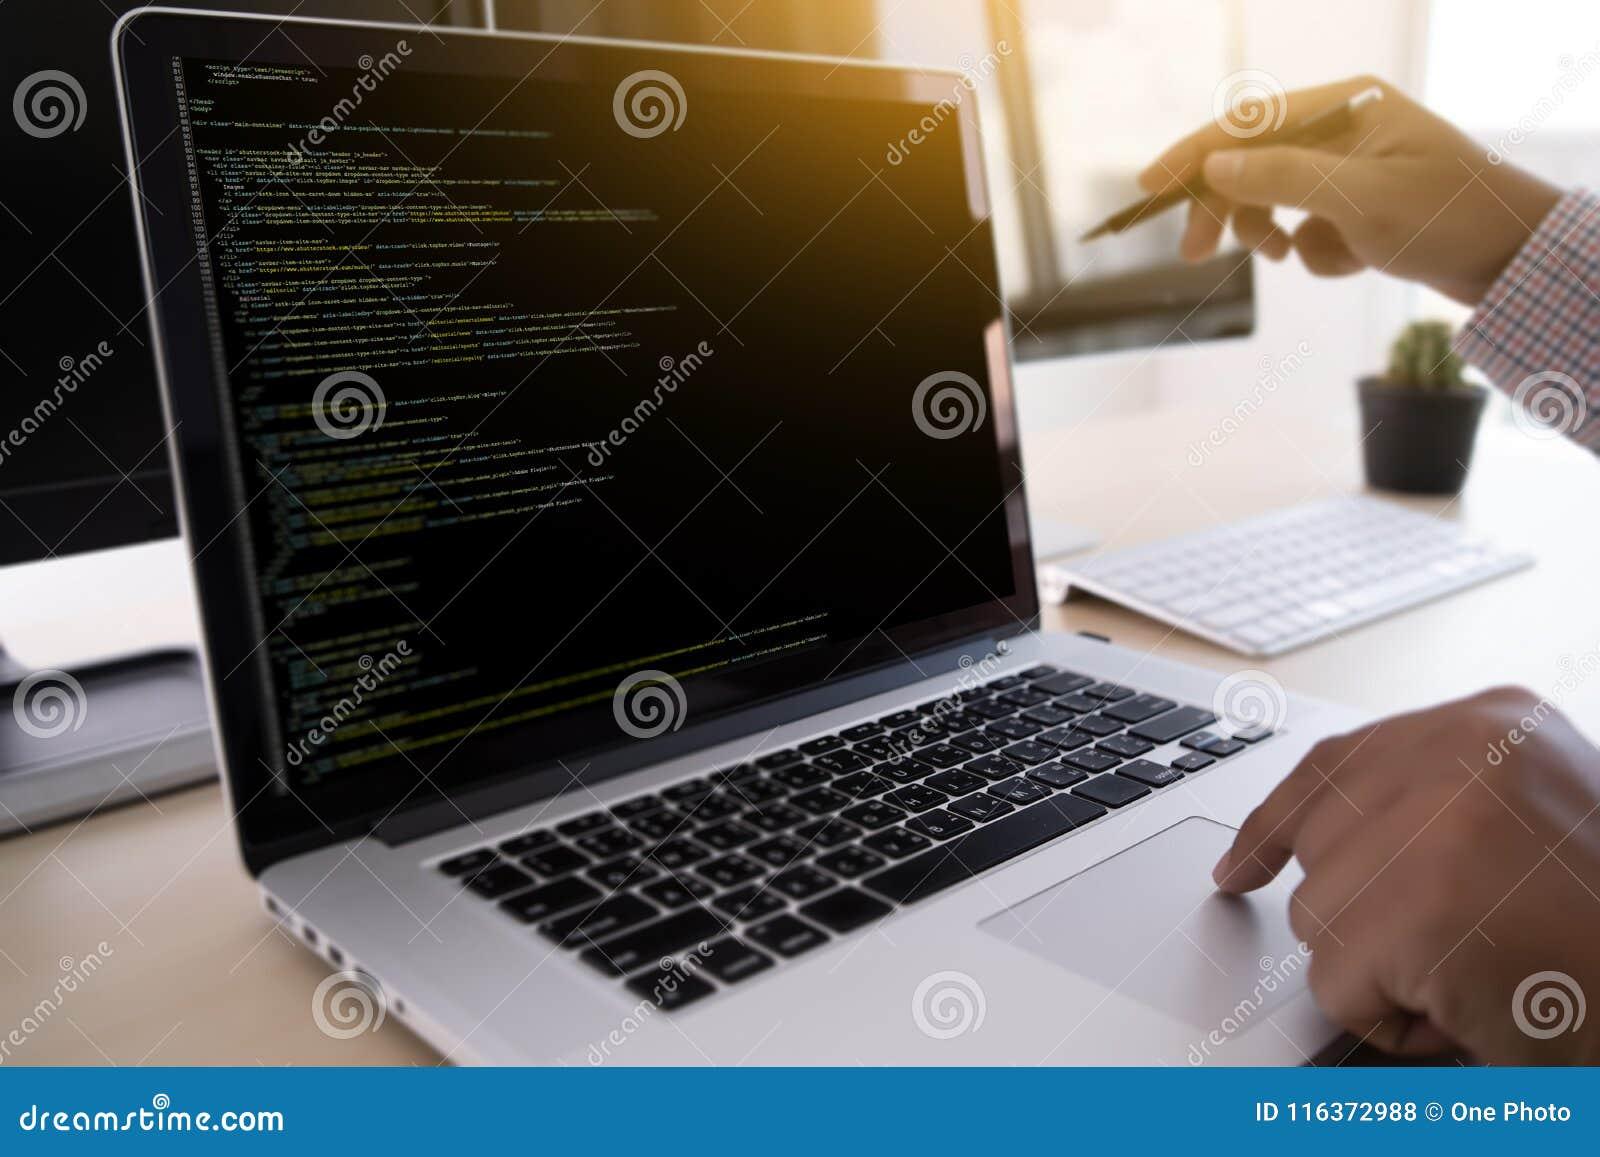 Προγραμματιστής που εργάζεται αναπτυσσόμενος τον Ιστό Desig τεχνολογιών προγραμματισμού